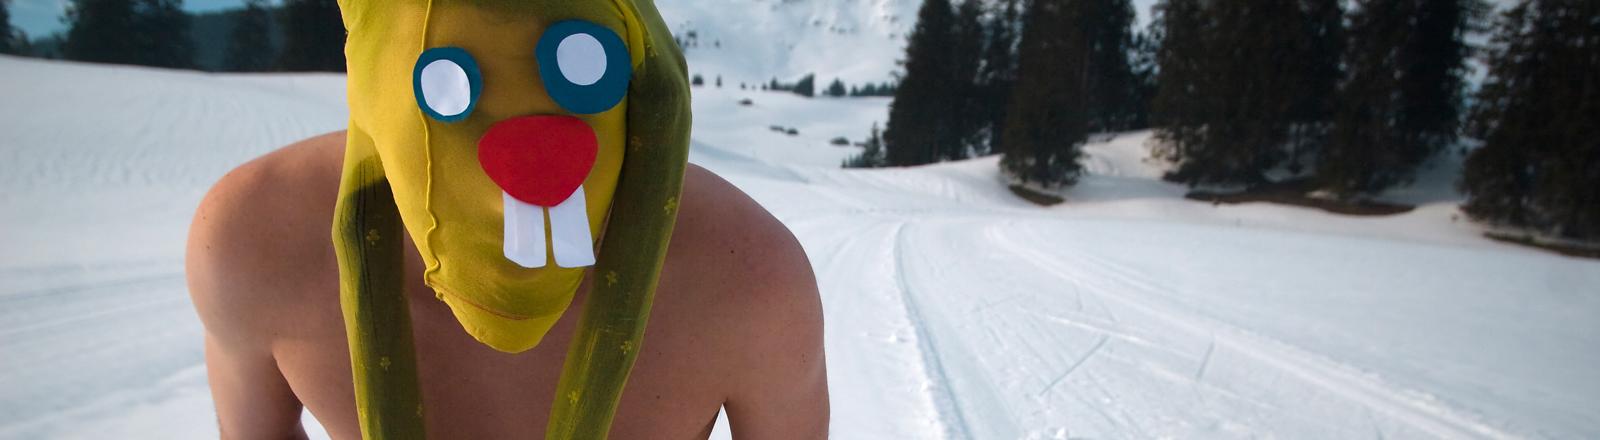 Ein nackter Mann mit Hasenmaske im Schnee